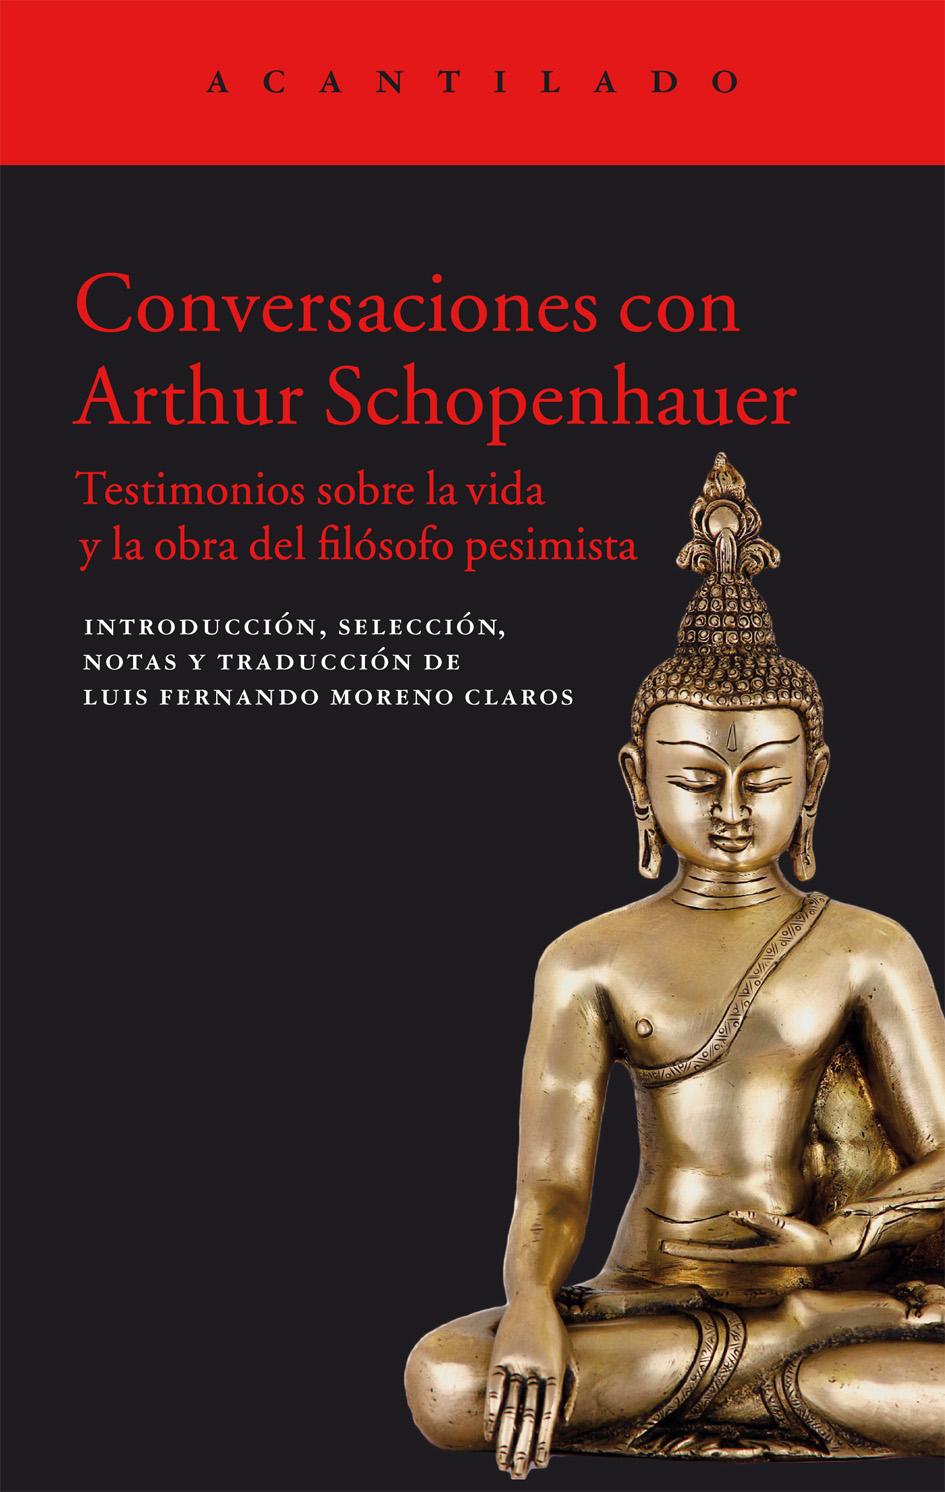 Arthur Schopenhauer | Conversaciones con Arthur Schopenhauer